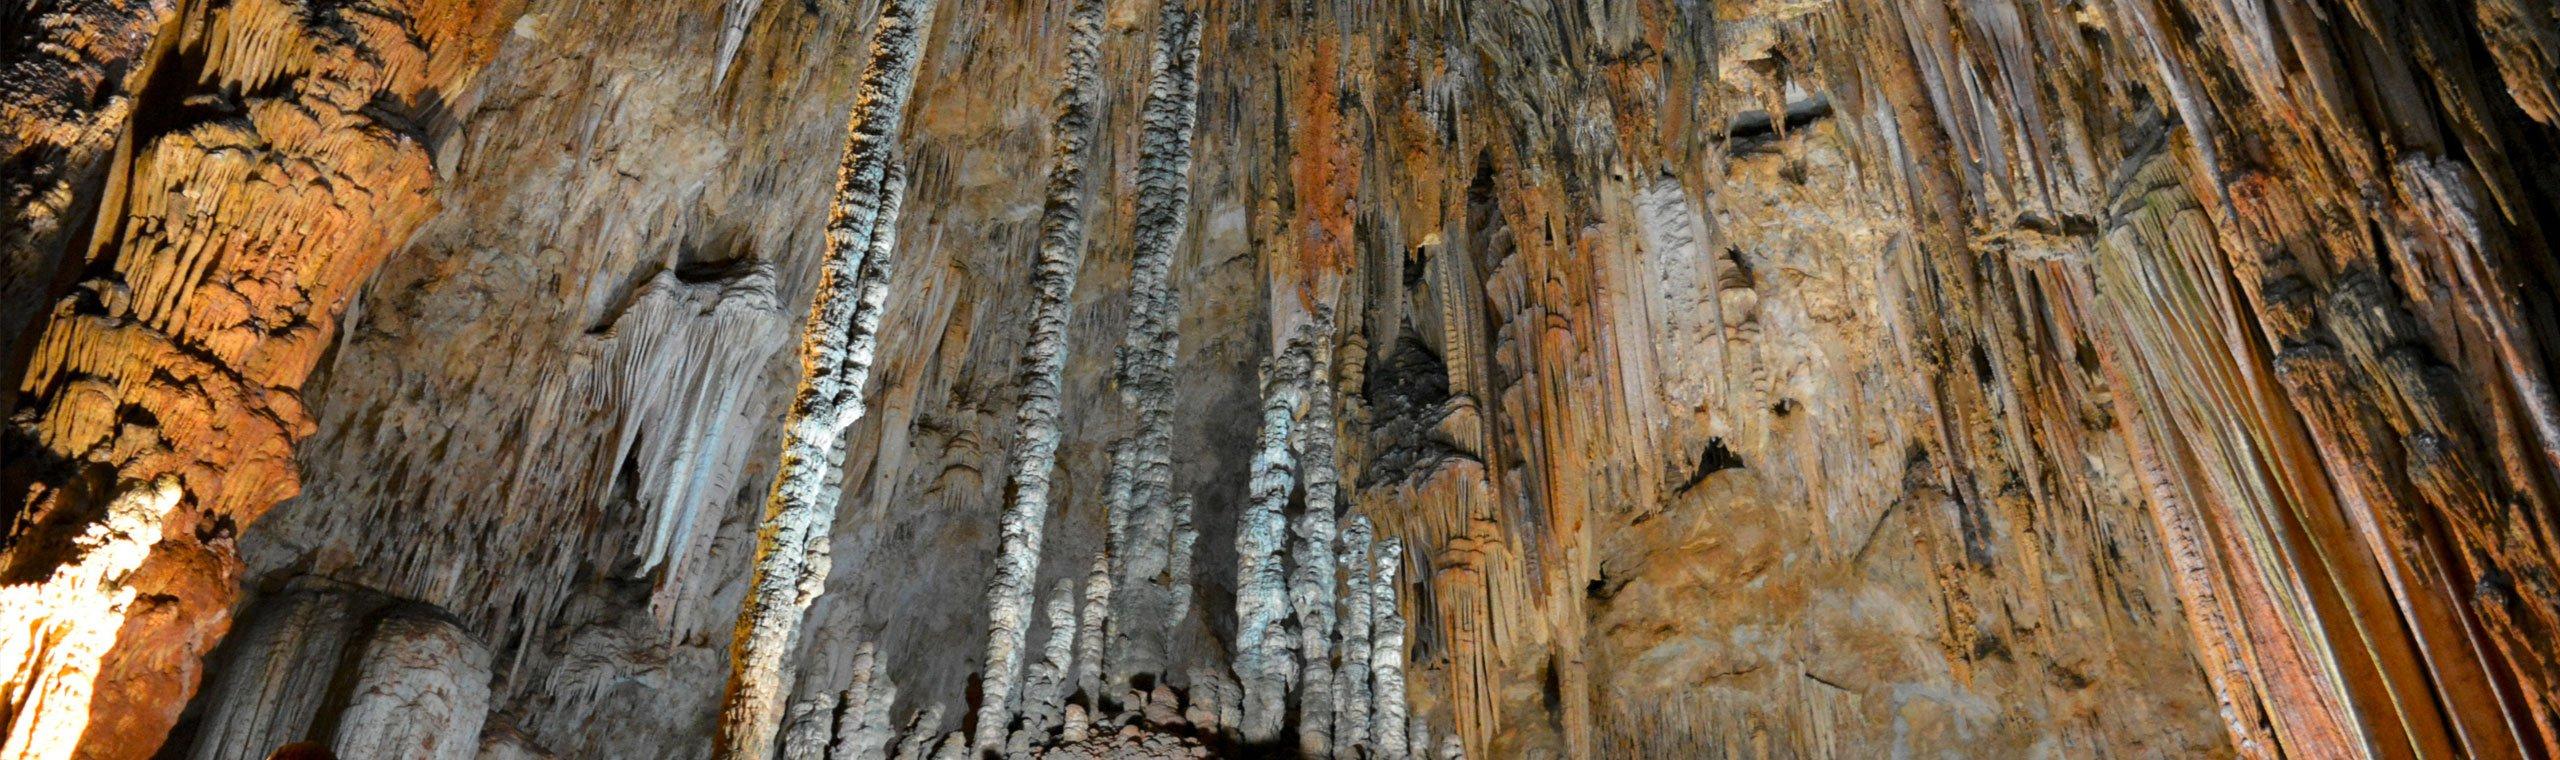 Tropfsteinhöhle in Pottenstein von innen